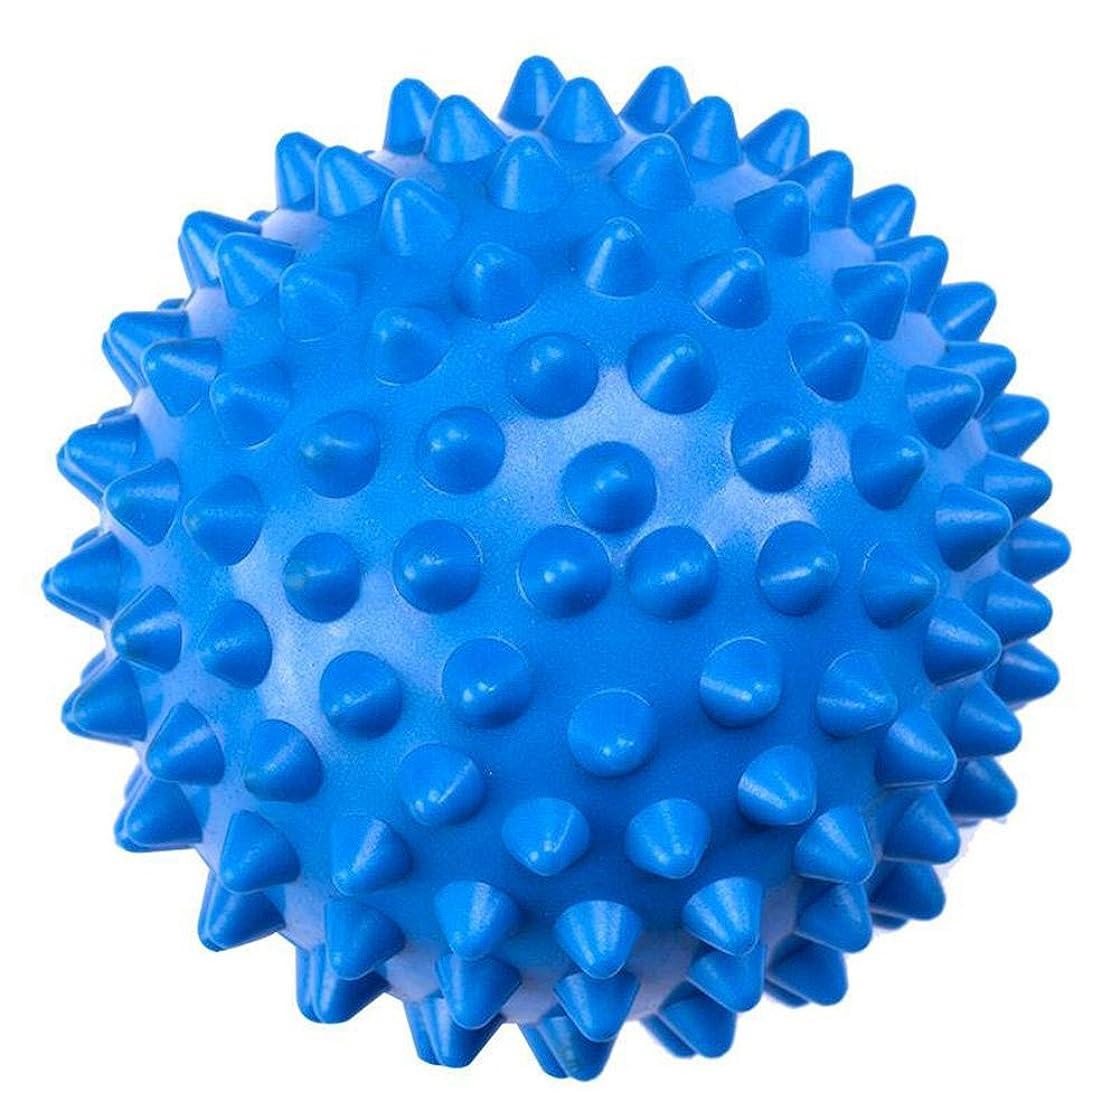 巨人倍増ガードHiCollie マッサージボール 触覚ボール リフレックスボール トレーニングボール ポイントマッサージ 筋筋膜リリース 筋肉緊張和らげ 血液循環促進 6cm